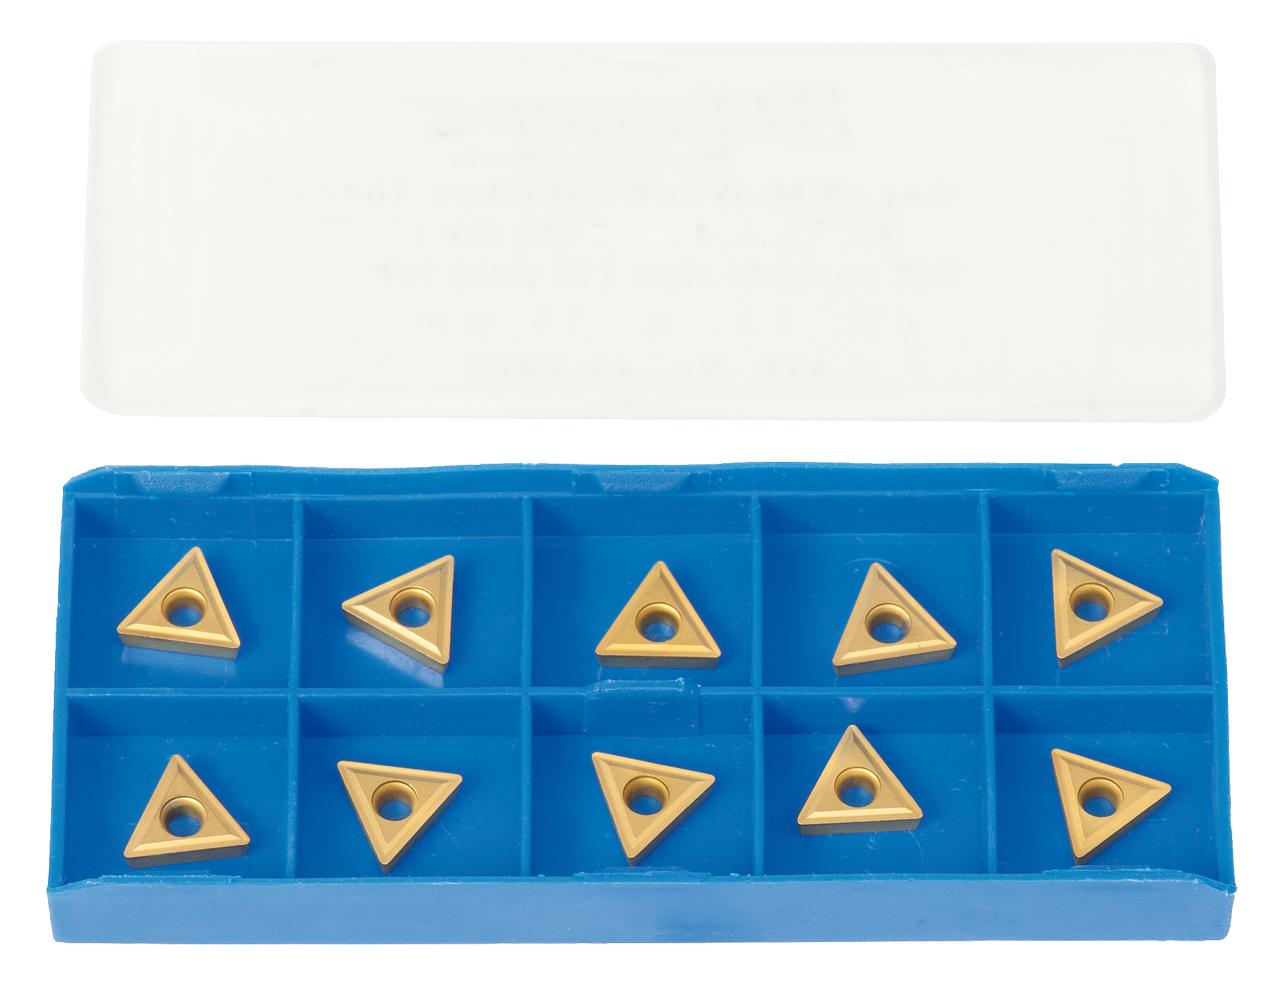 Zestaw płytek węglikowych HM - płytki (10 szt.) pasujących do noży tokarskich 10, 12, 16 mm BERNARDO